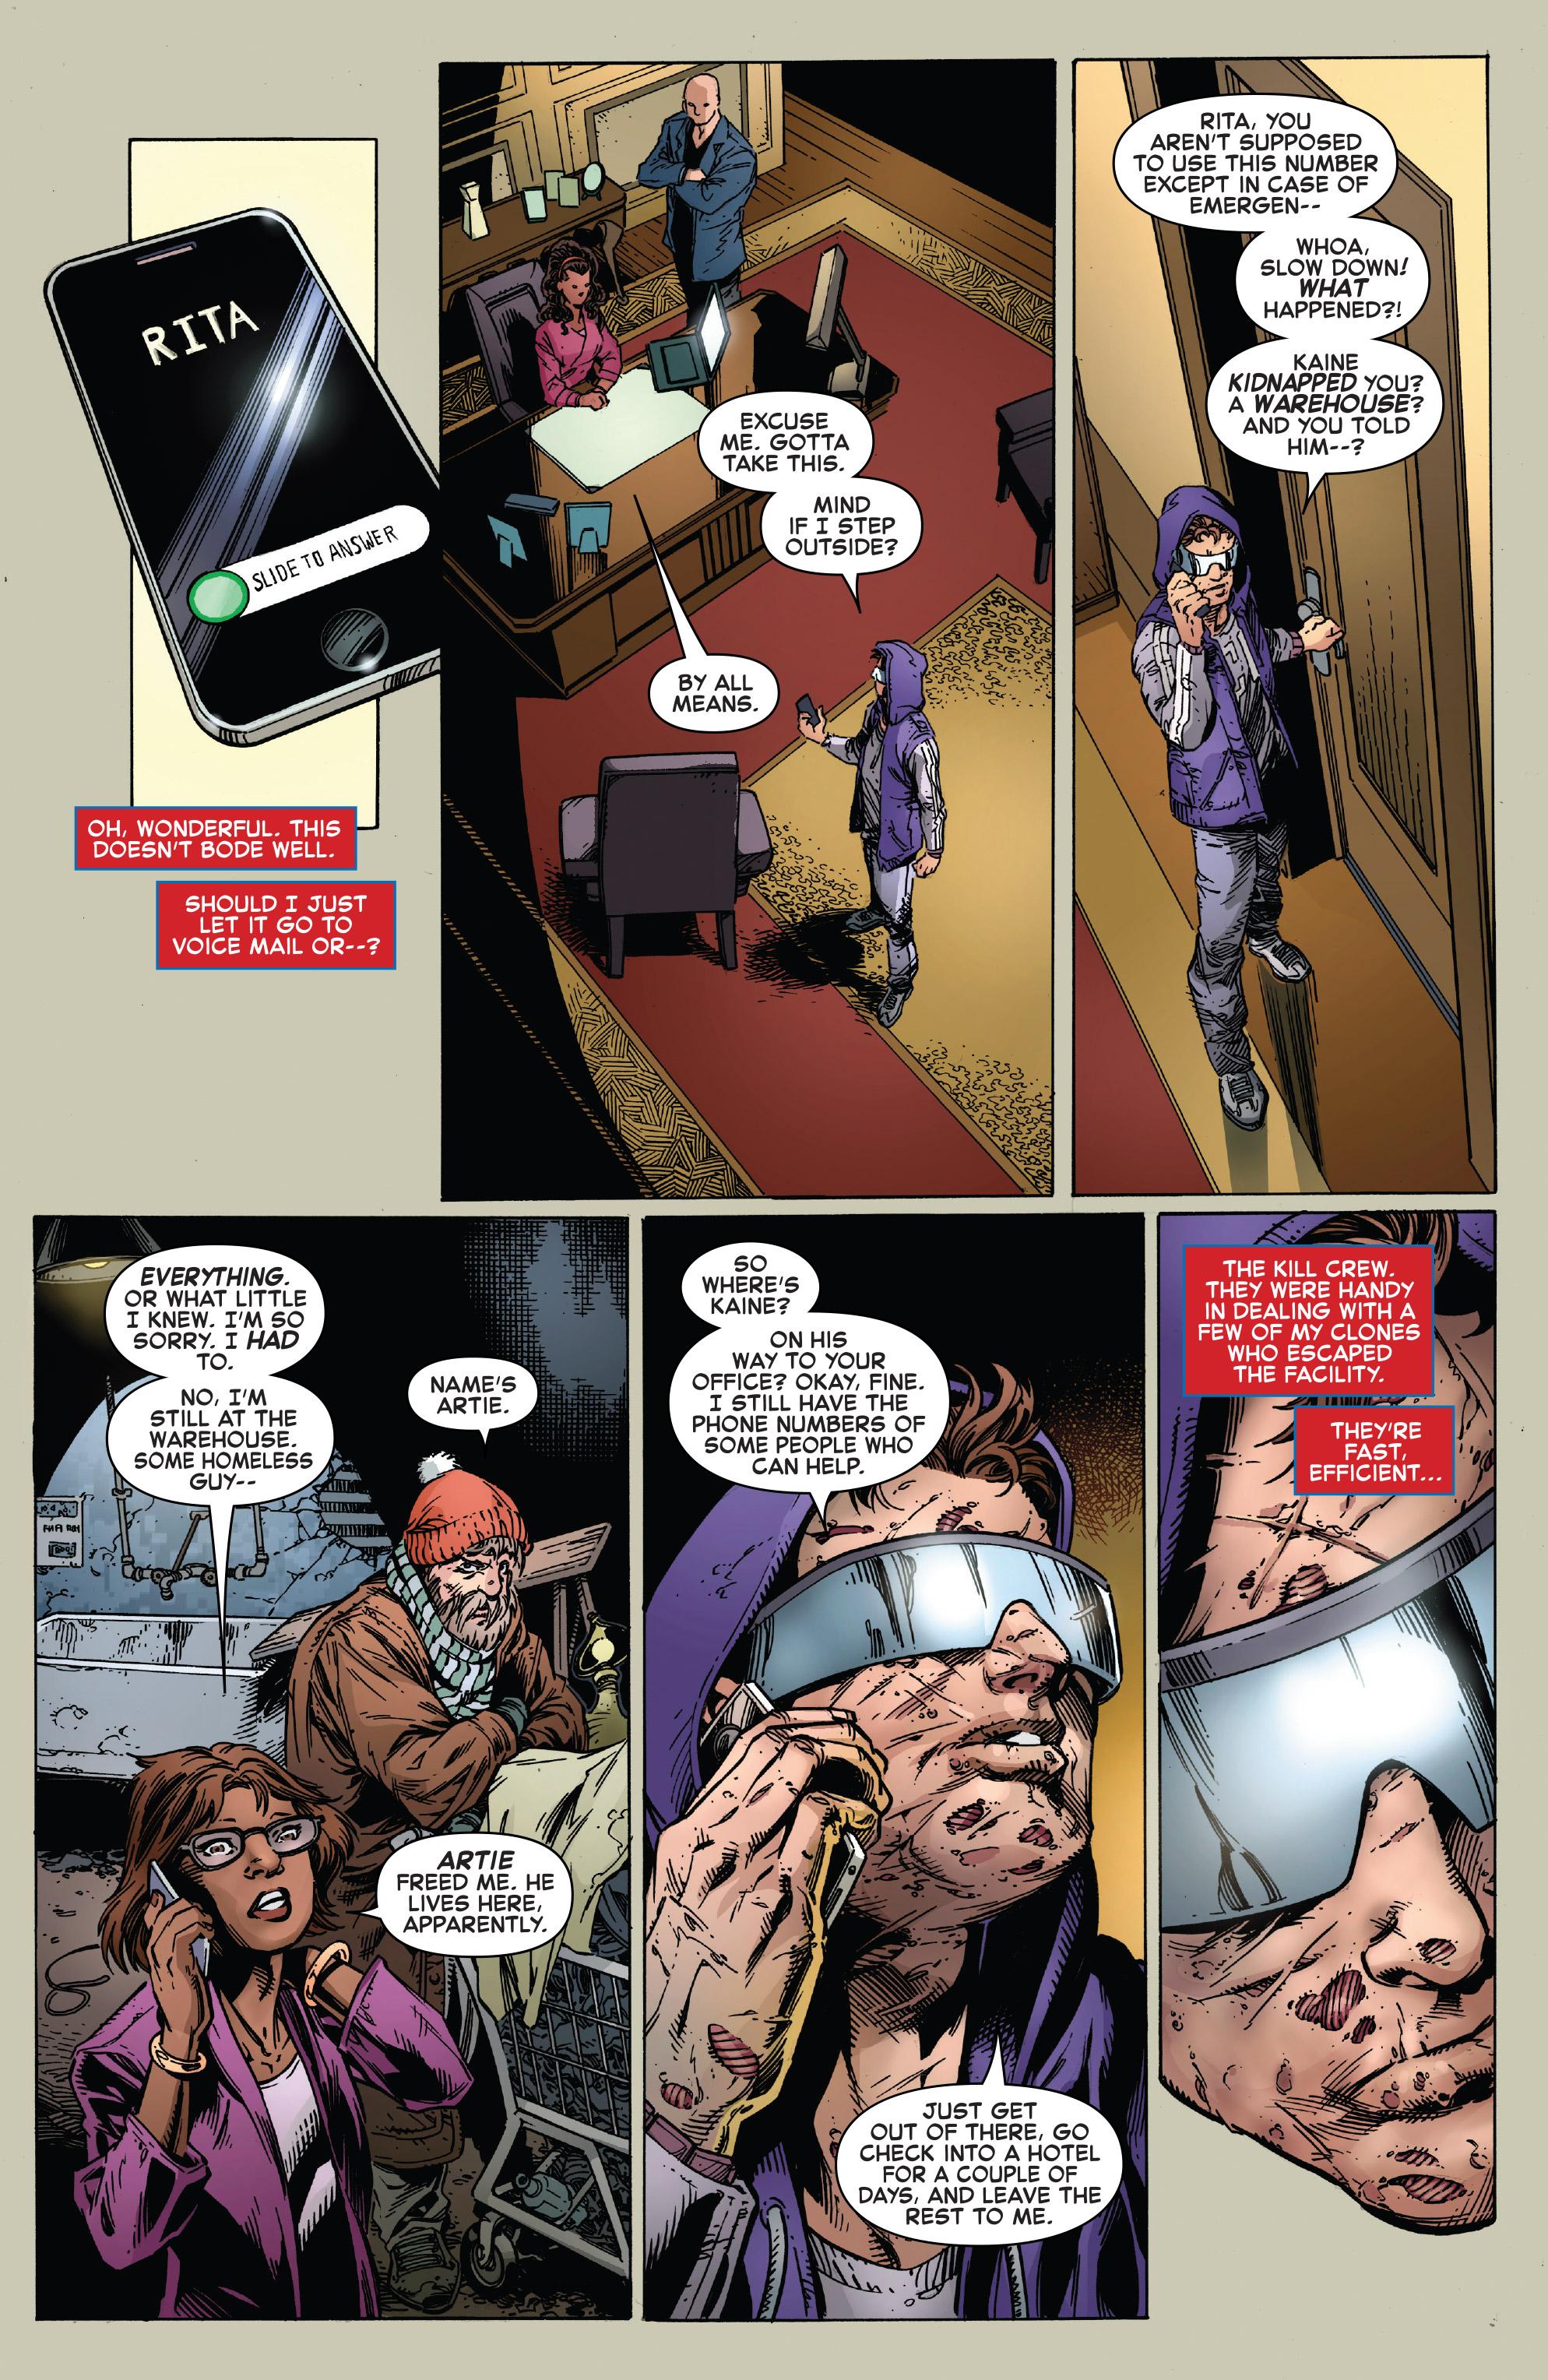 Read online Ben Reilly: Scarlet Spider comic -  Issue #3 - 3